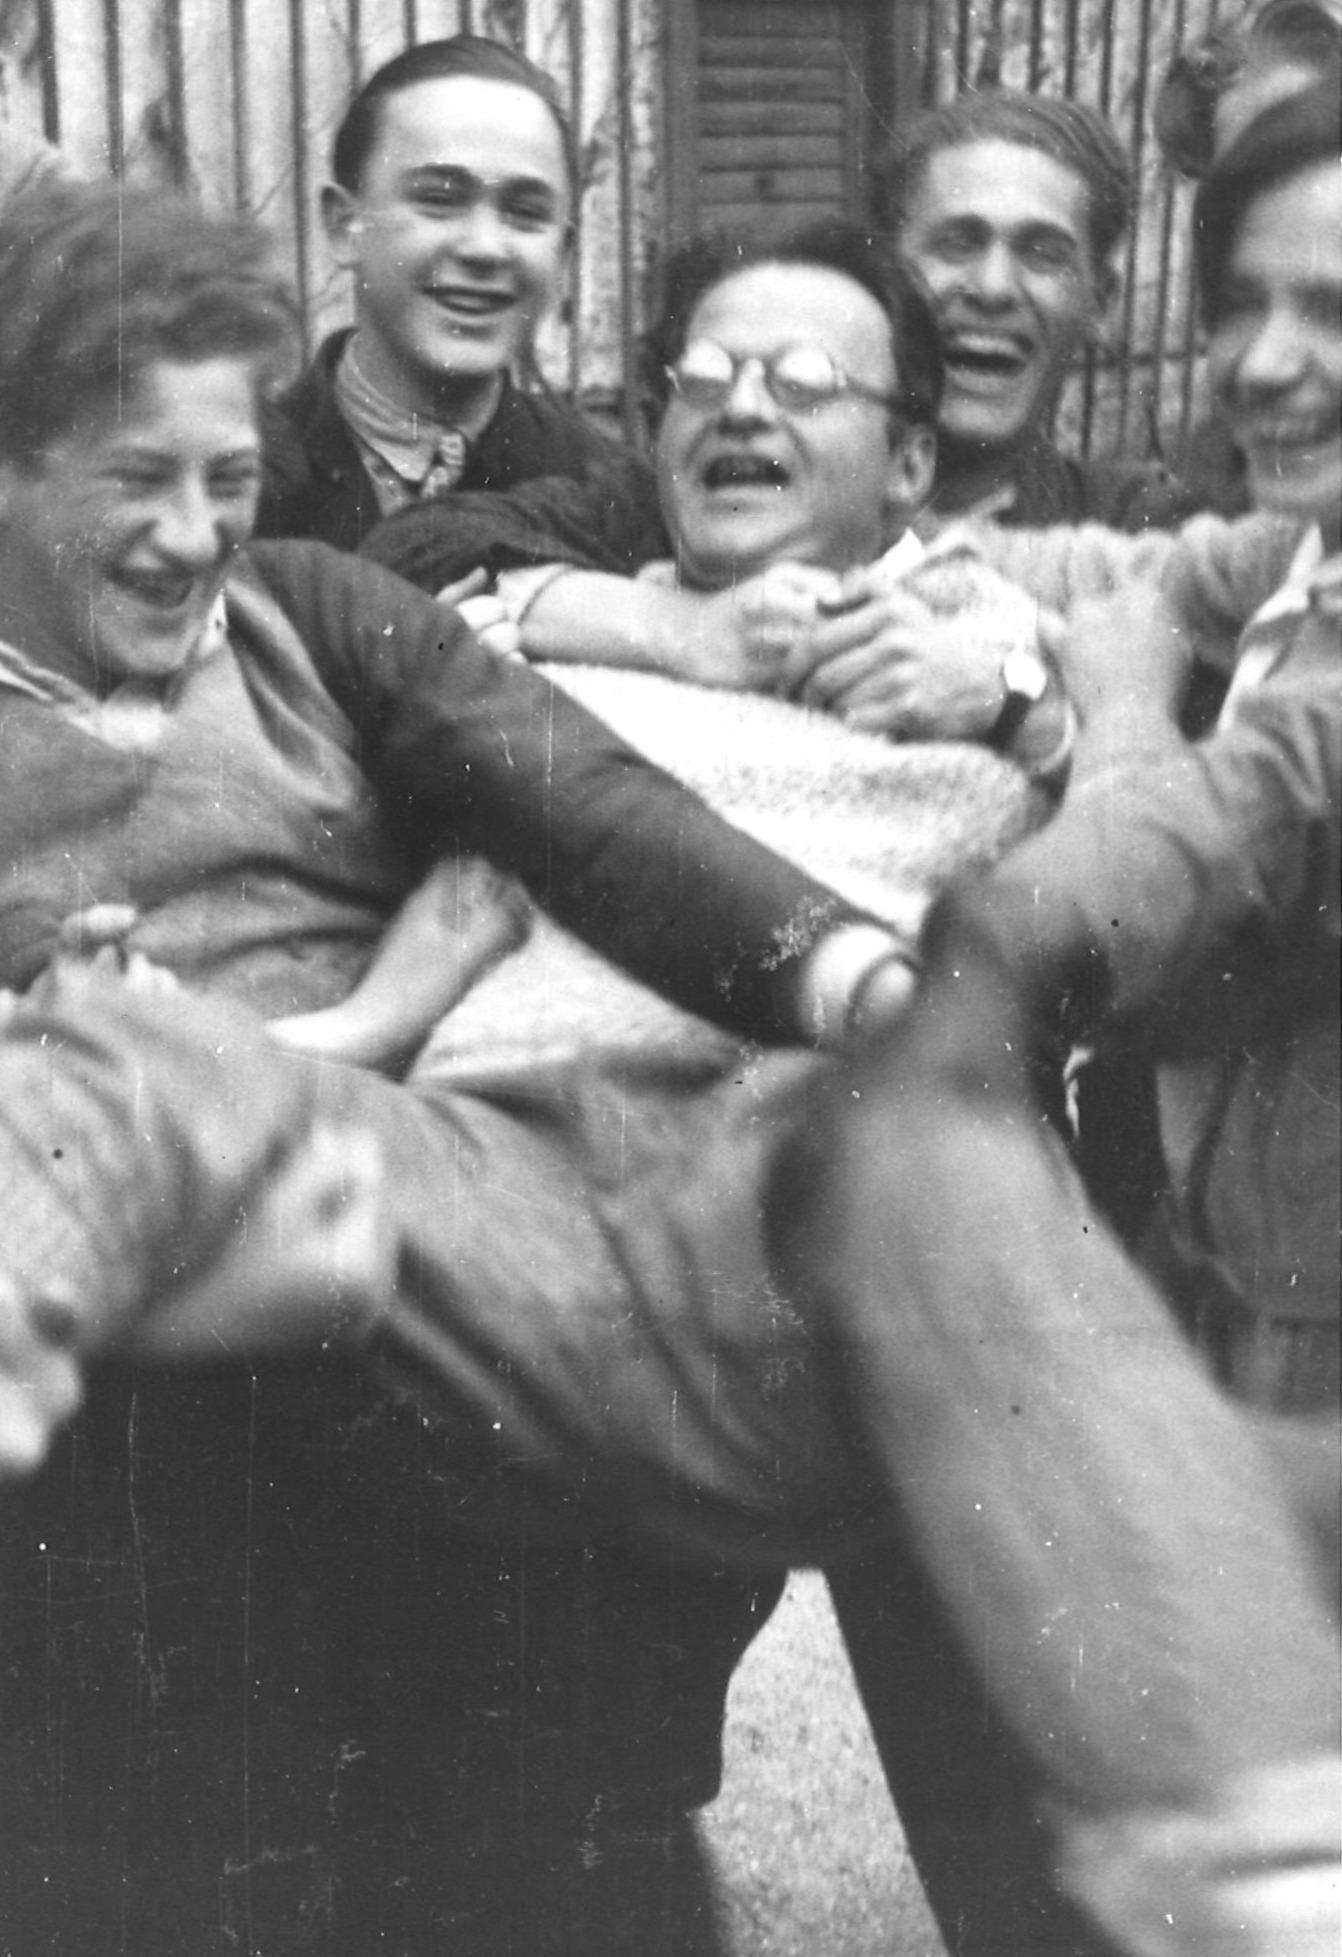 Sozialistische Arbeiter Jugend Schulungstreffen in Gaming Winter 1930